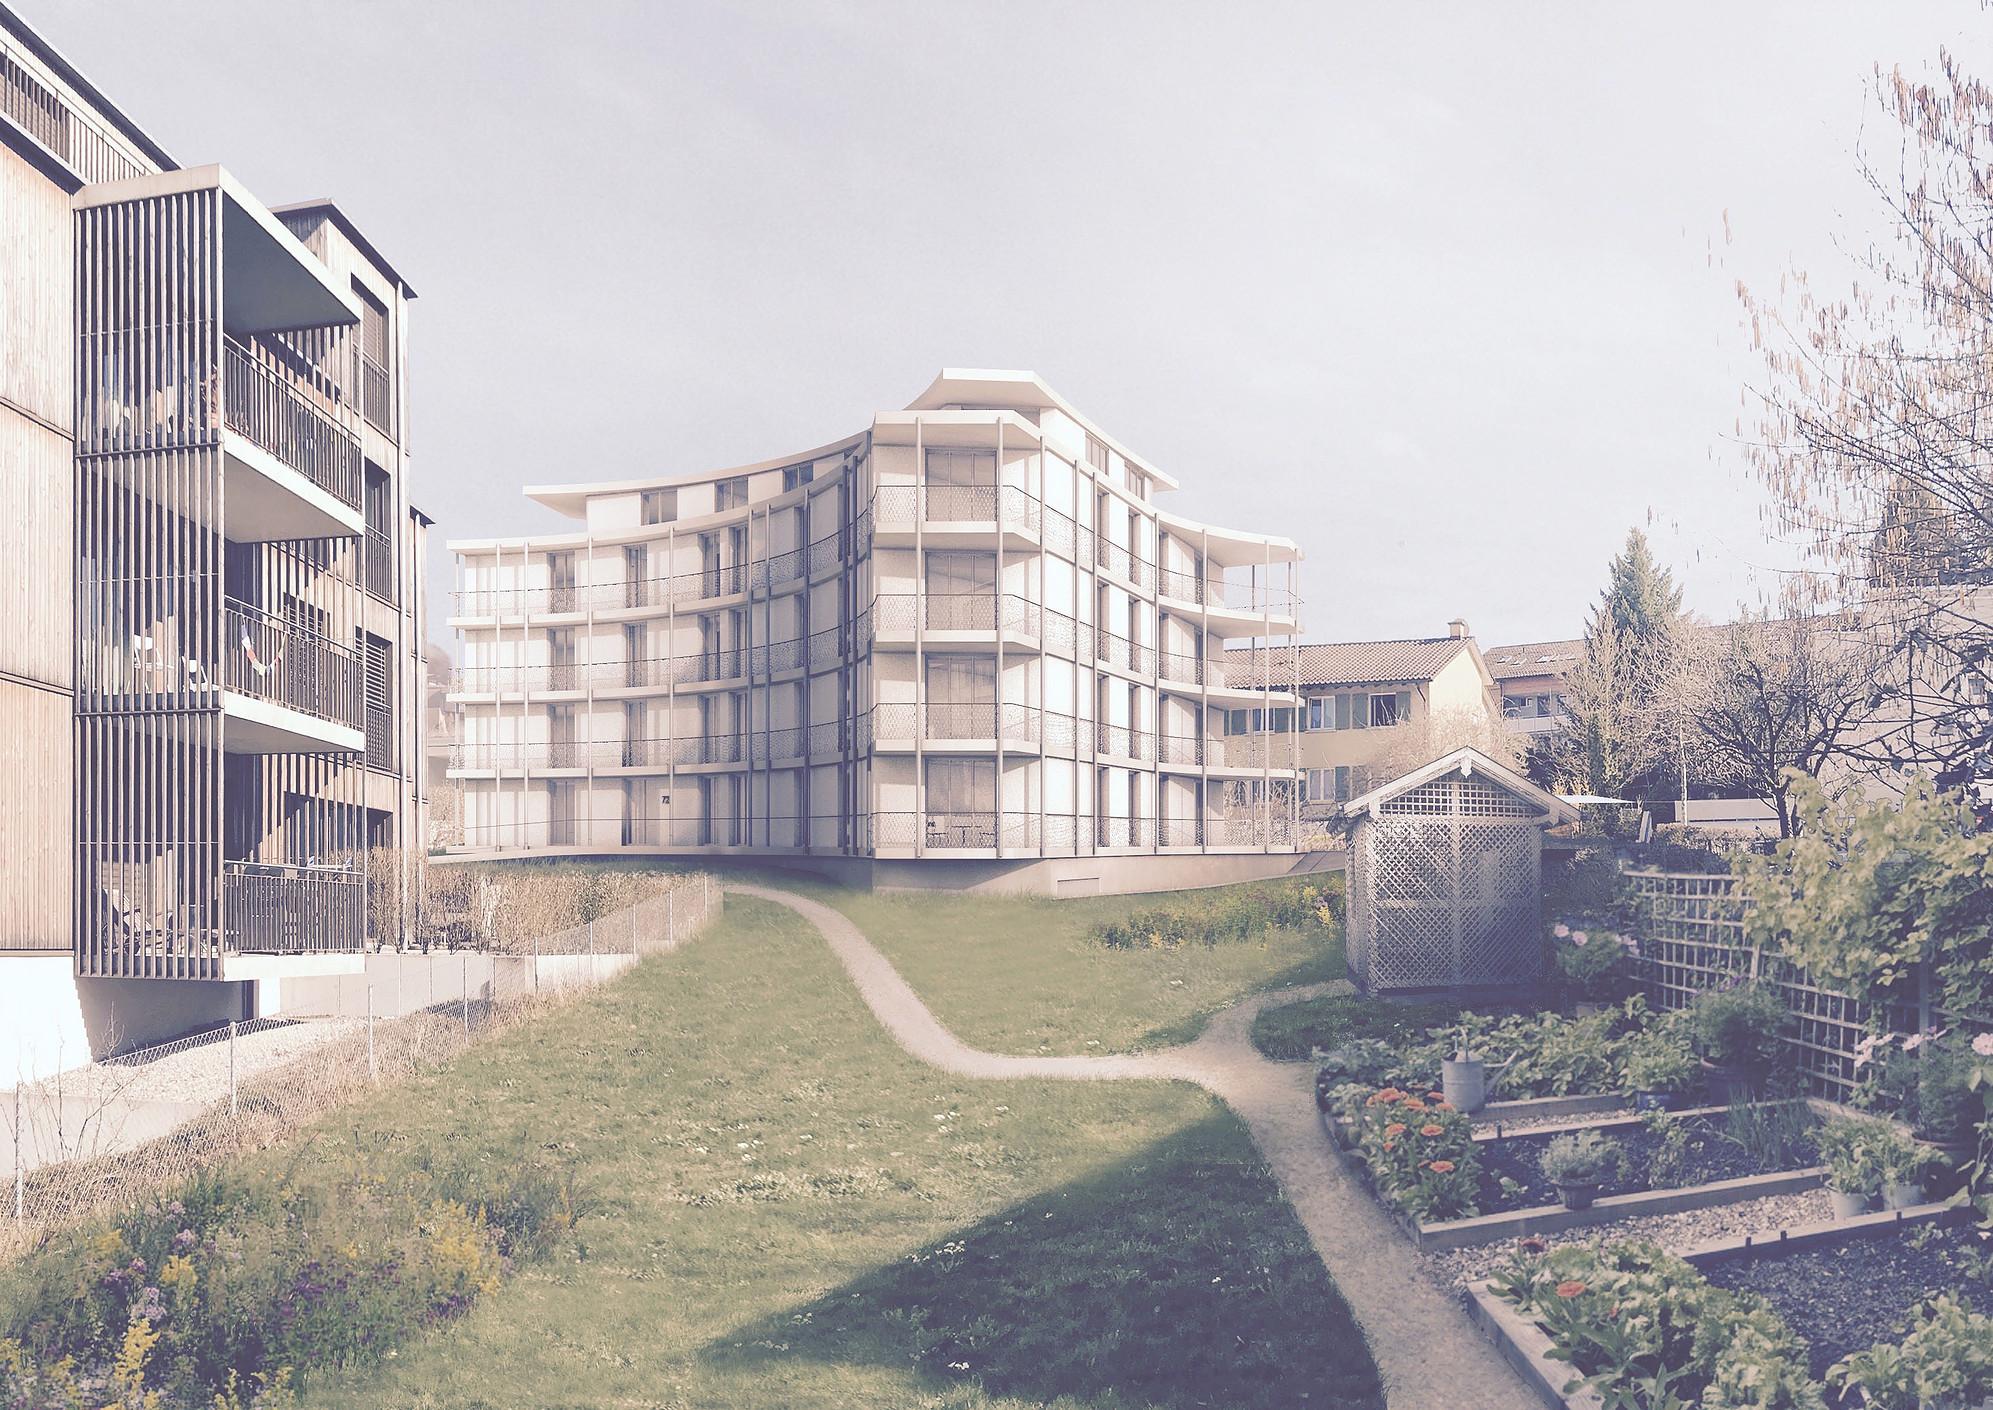 Neubau Wohnhaus Forelhausstiftung Zürich: Gartenansicht